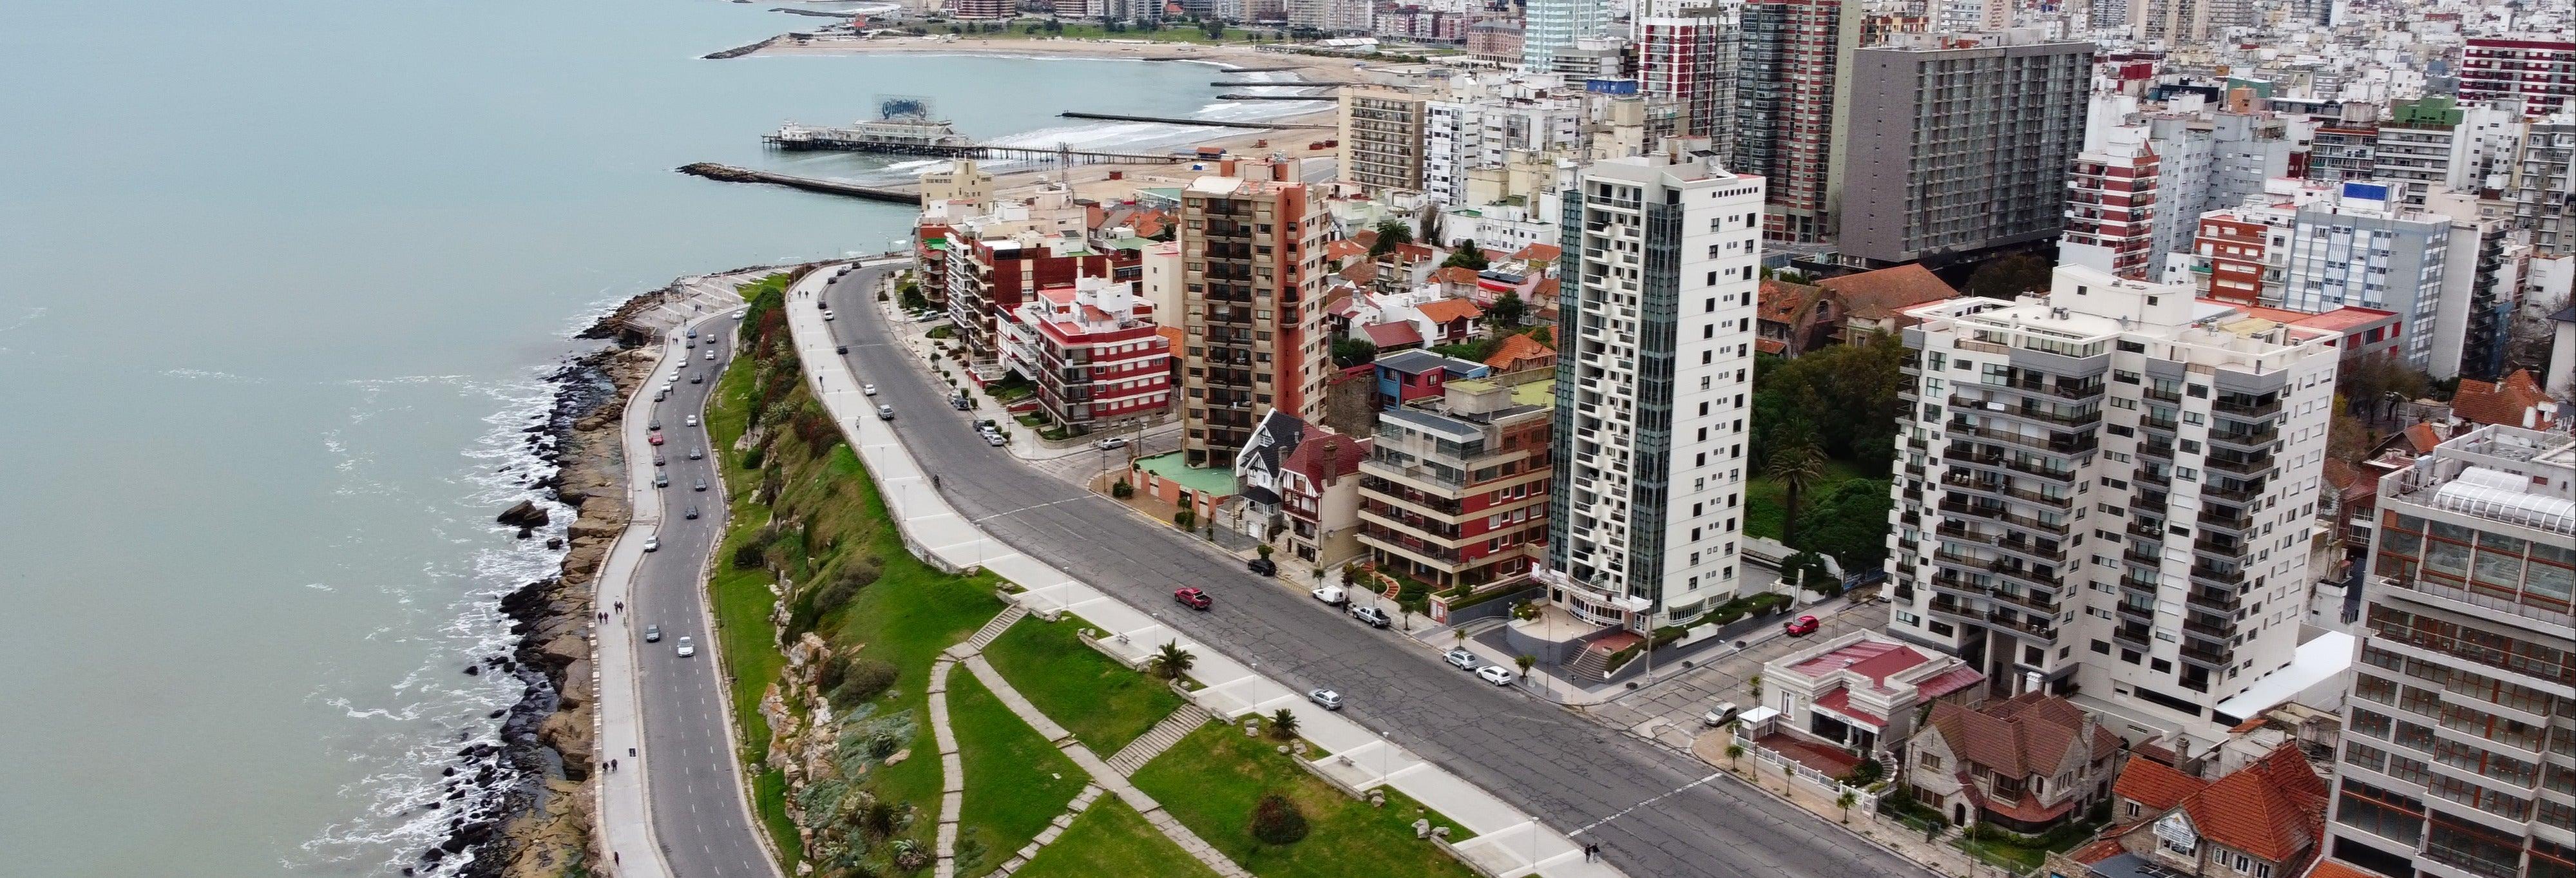 Tour de la cerveza por Mar del Plata